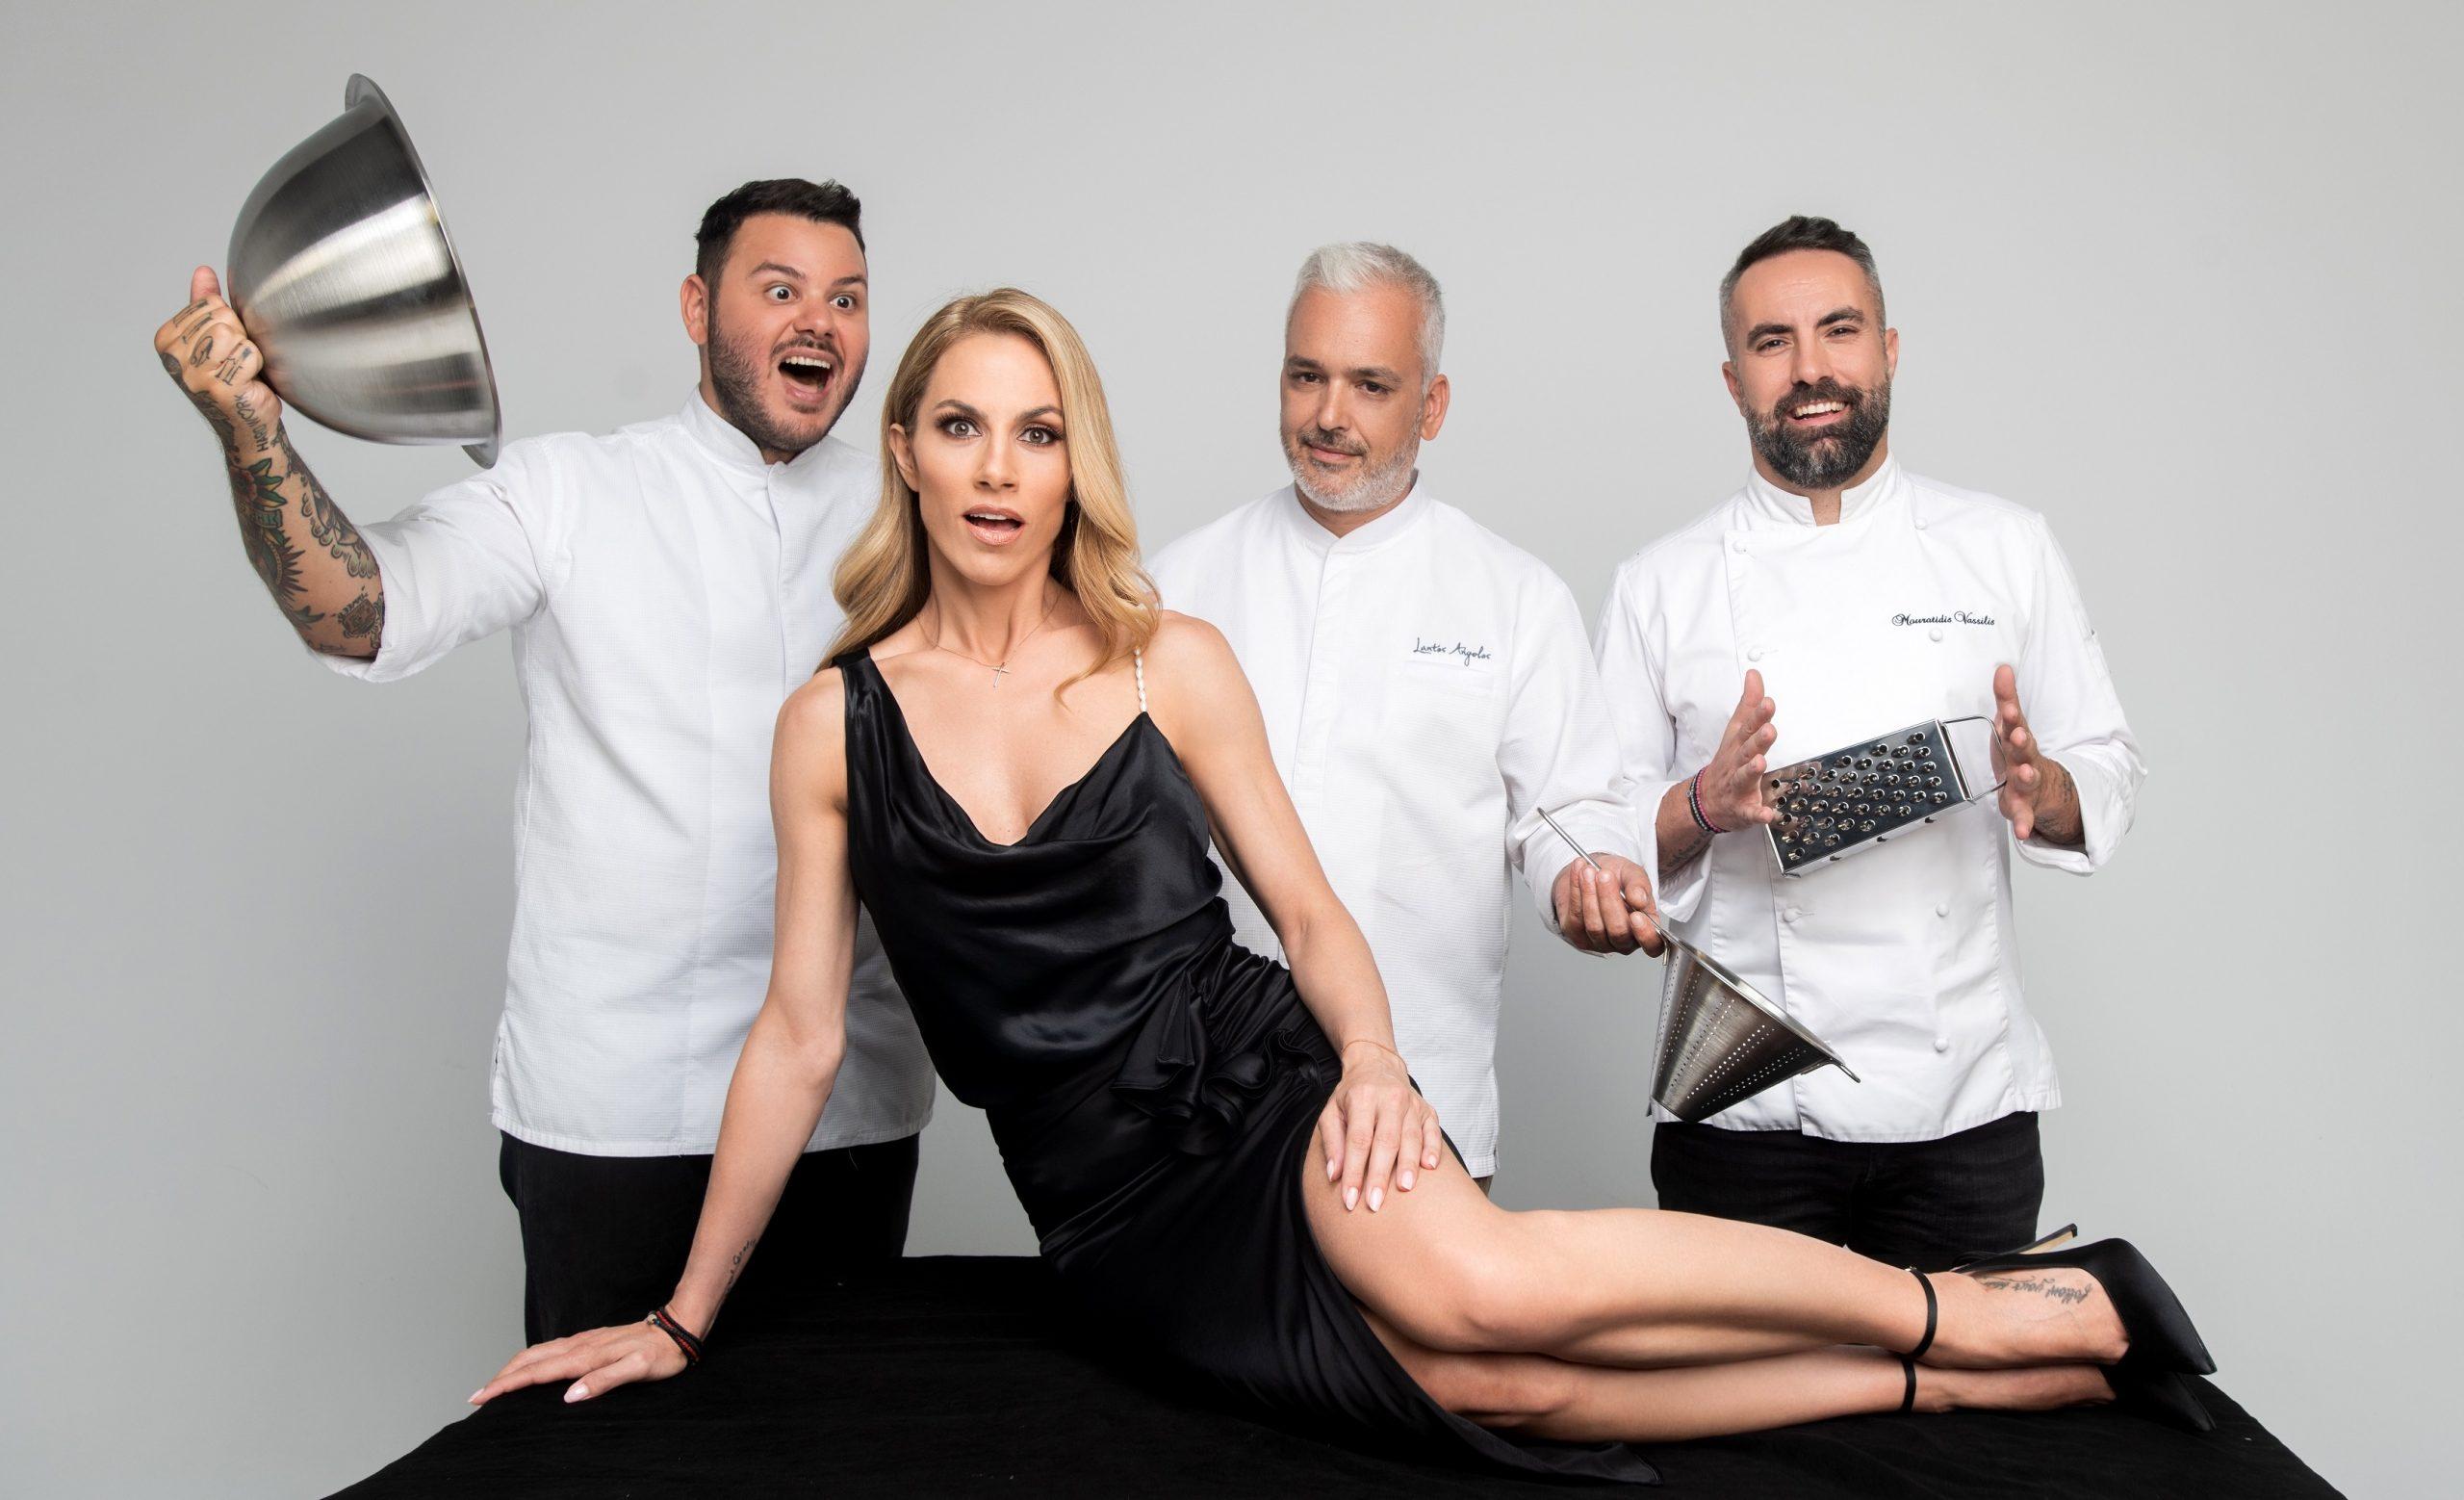 Πρεμιέρα απόψε για το «Game of Chefs» του ΑΝΤ1   Κάθε πότε θα προβάλλεται